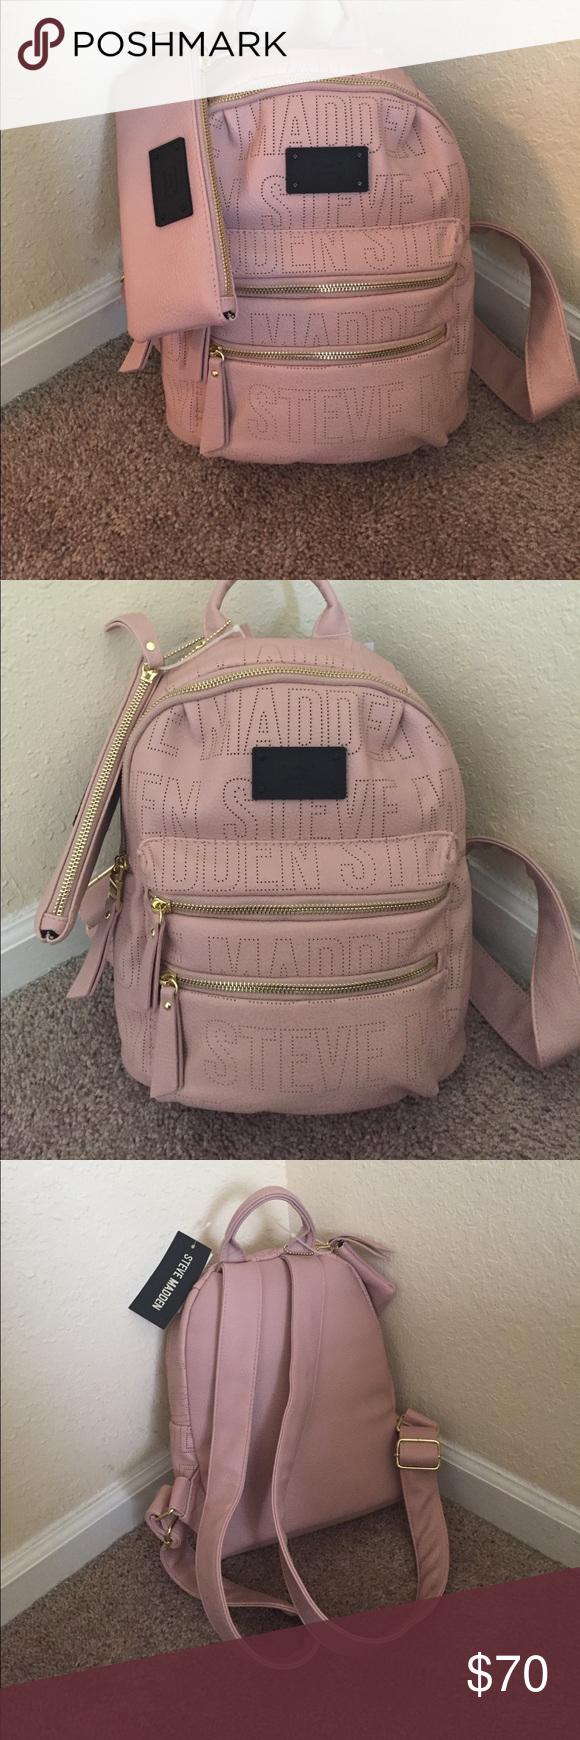 073b0550a83 STEVE MADDEN BACKPACK New backpack Steve Madden Bags Backpacks | My ...